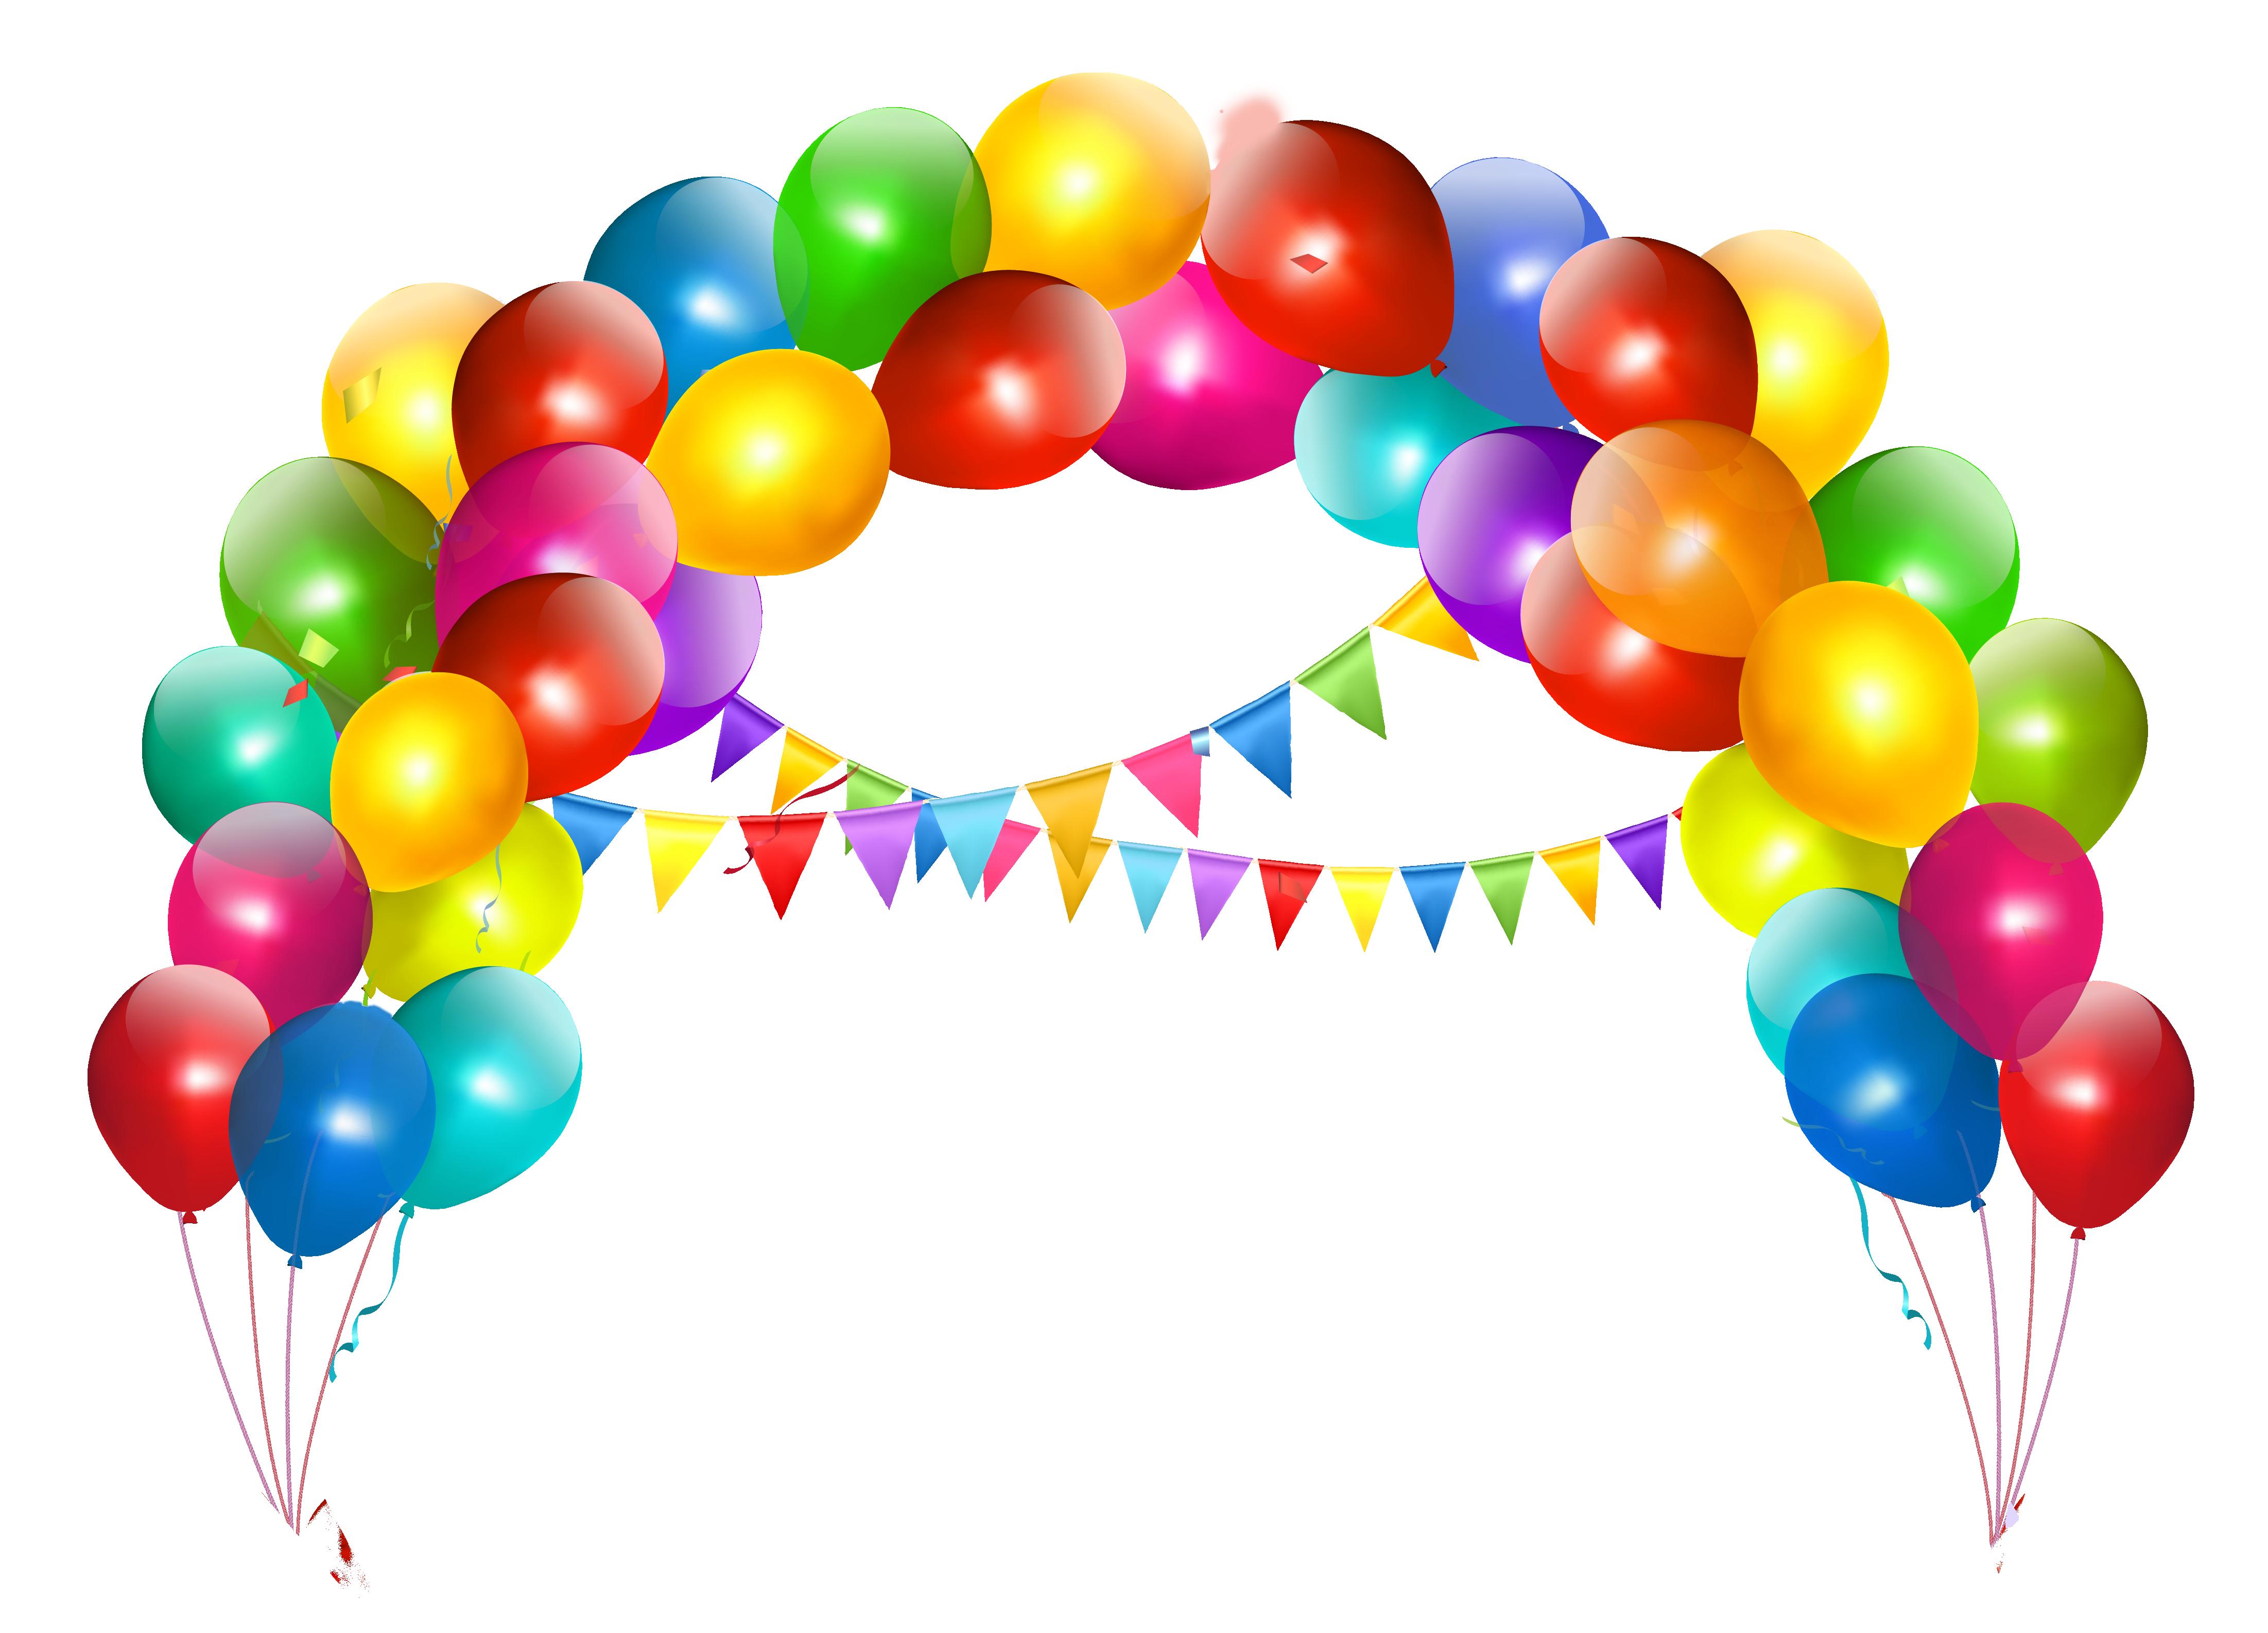 Free Balloons Clip Art. Balloon-Free Balloons Clip Art. Balloon-9